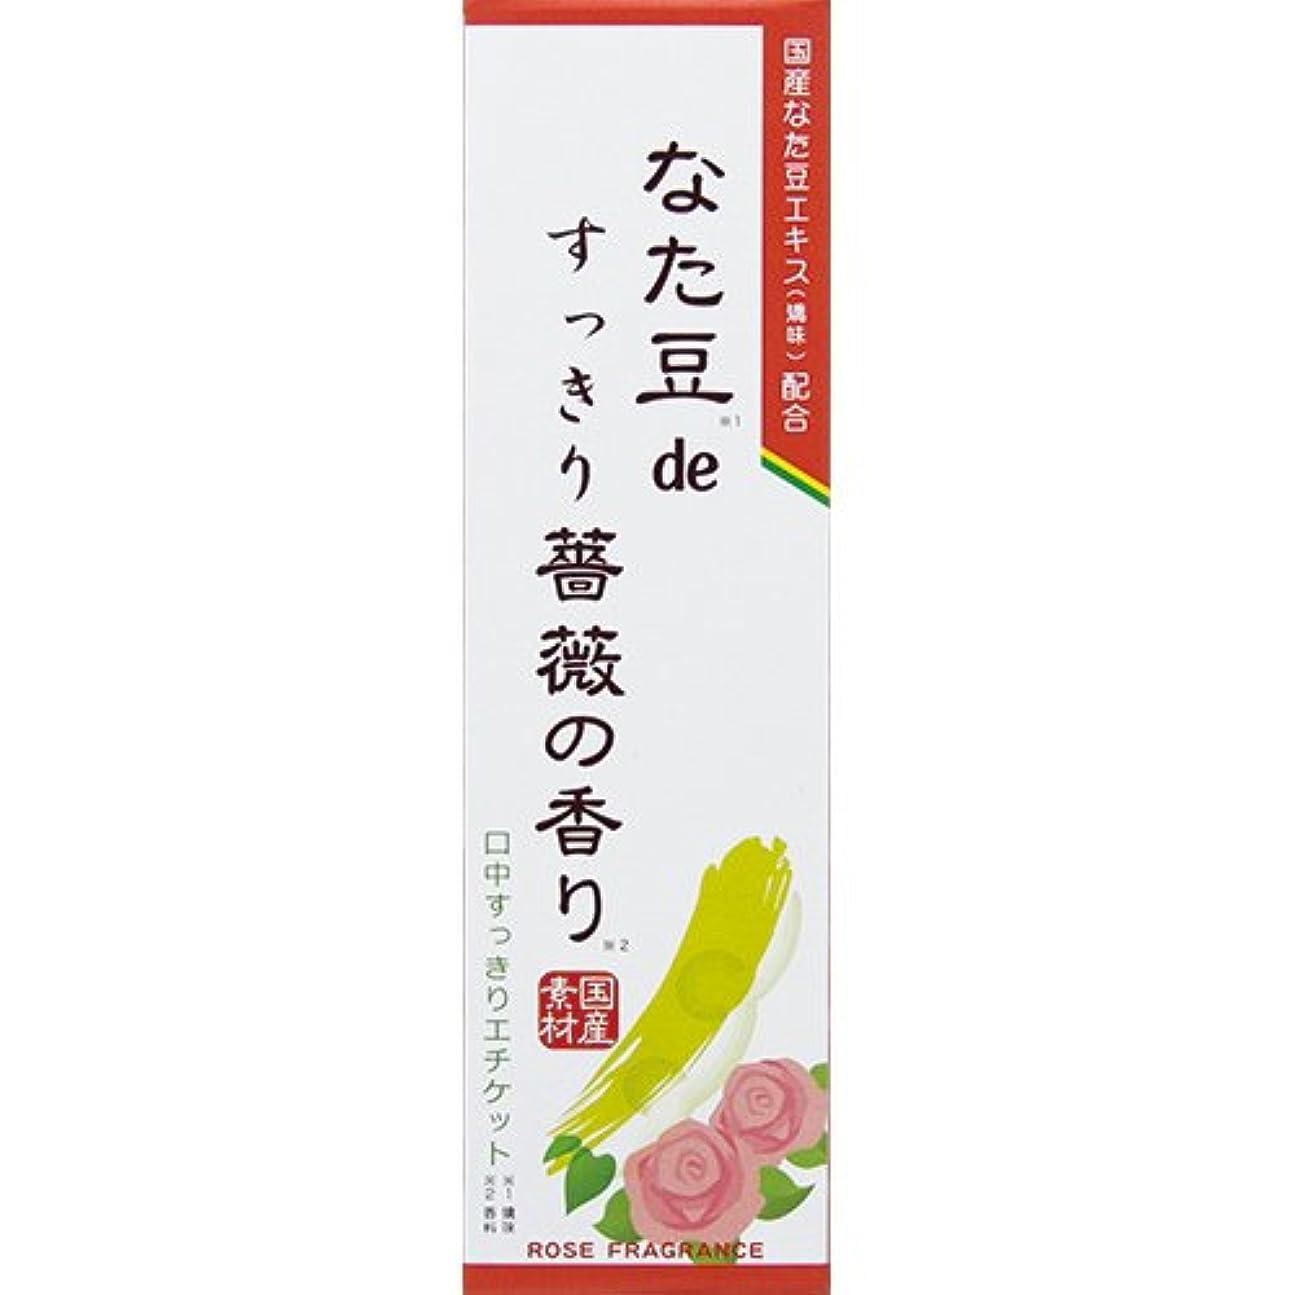 ポンプ検索エンジン最適化曲線なた豆deすっきり薔薇の香り 120g